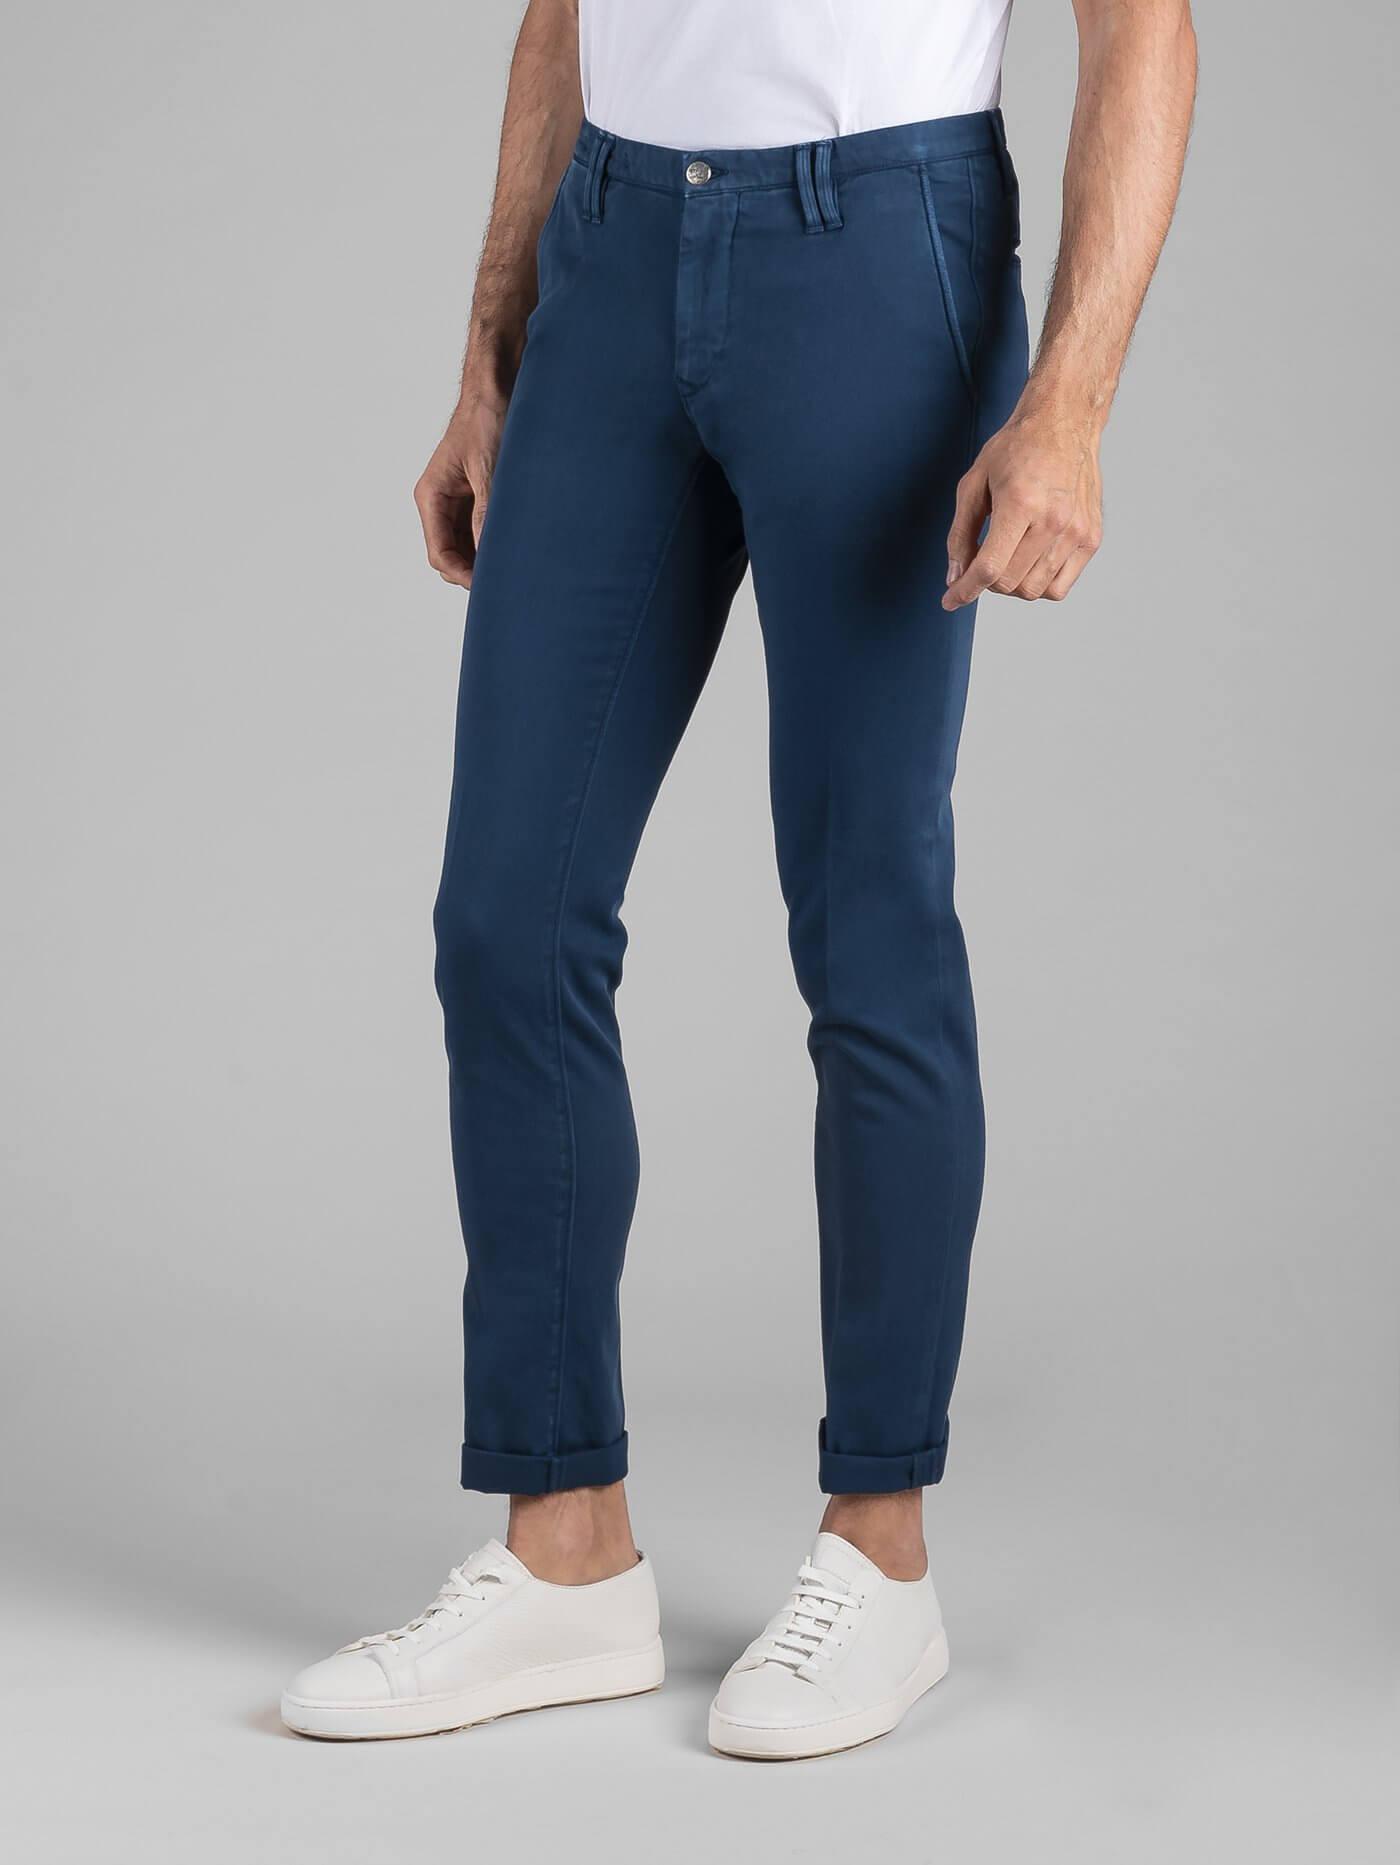 Pantalone Clay Gabardina Diagonale Stretch Oceano